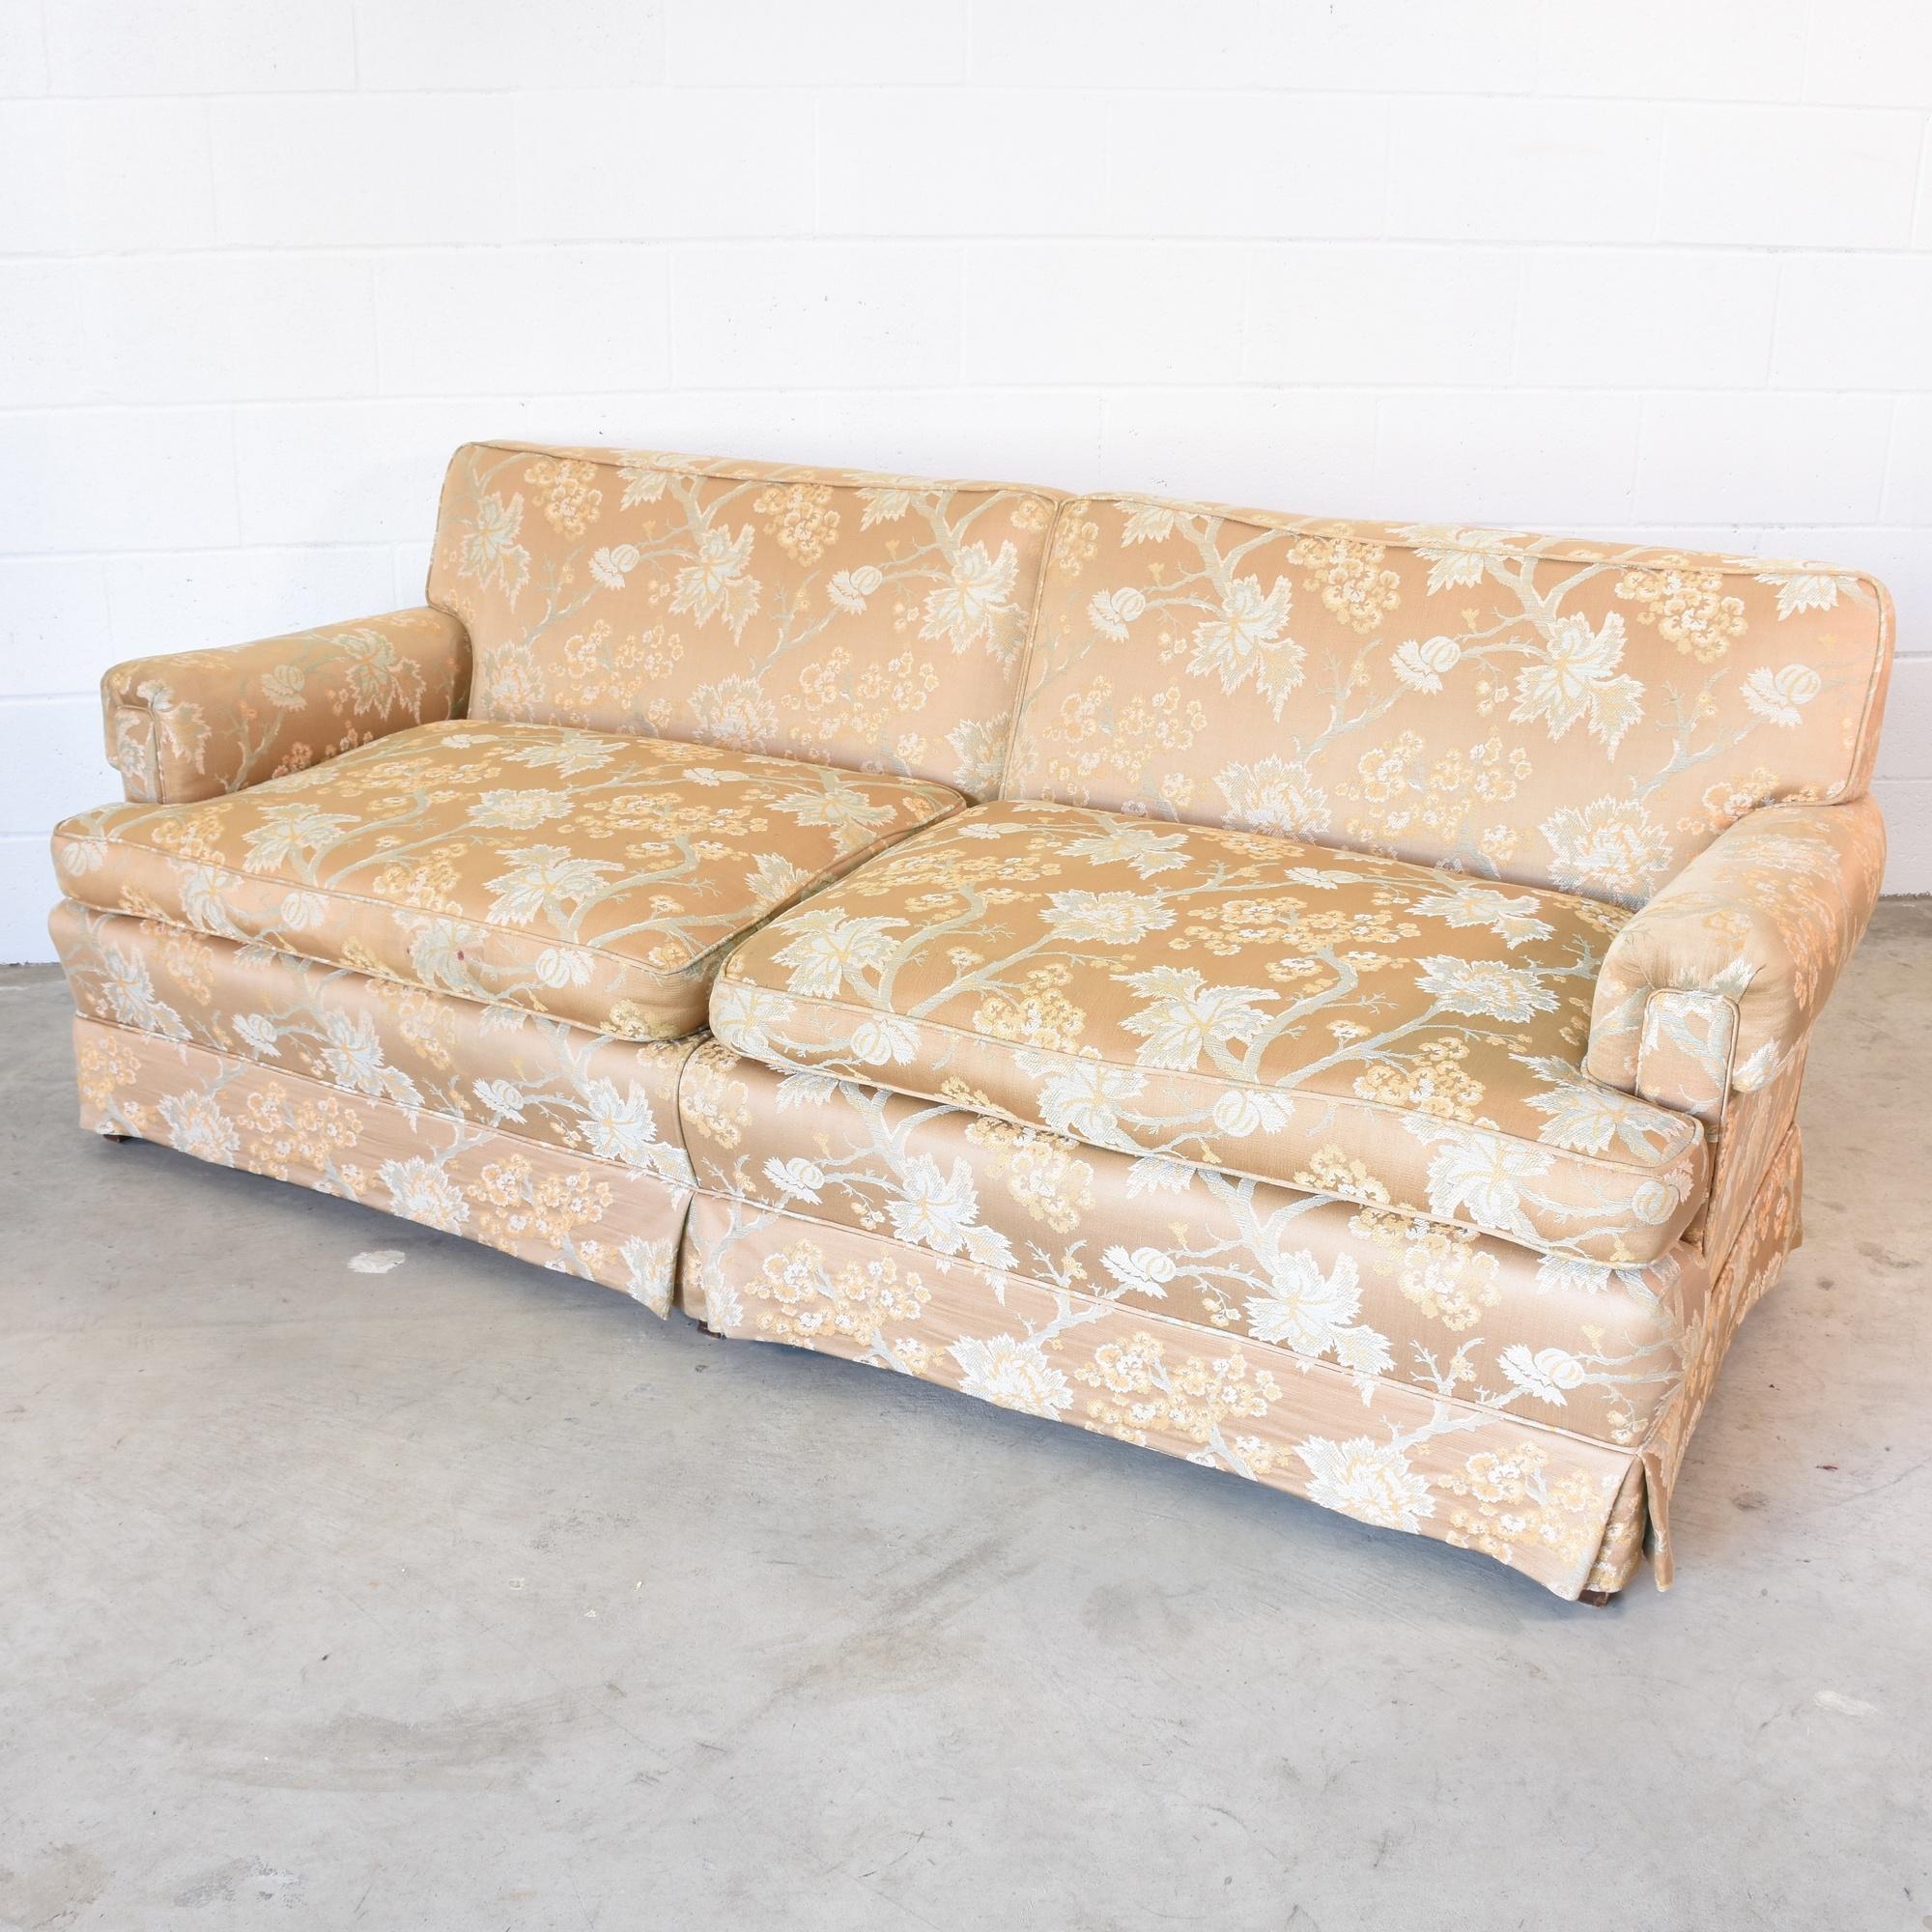 Vintage Sofa In Beige Floral Upholstery Loveseat Vintage Furniture San Diego Los Angeles